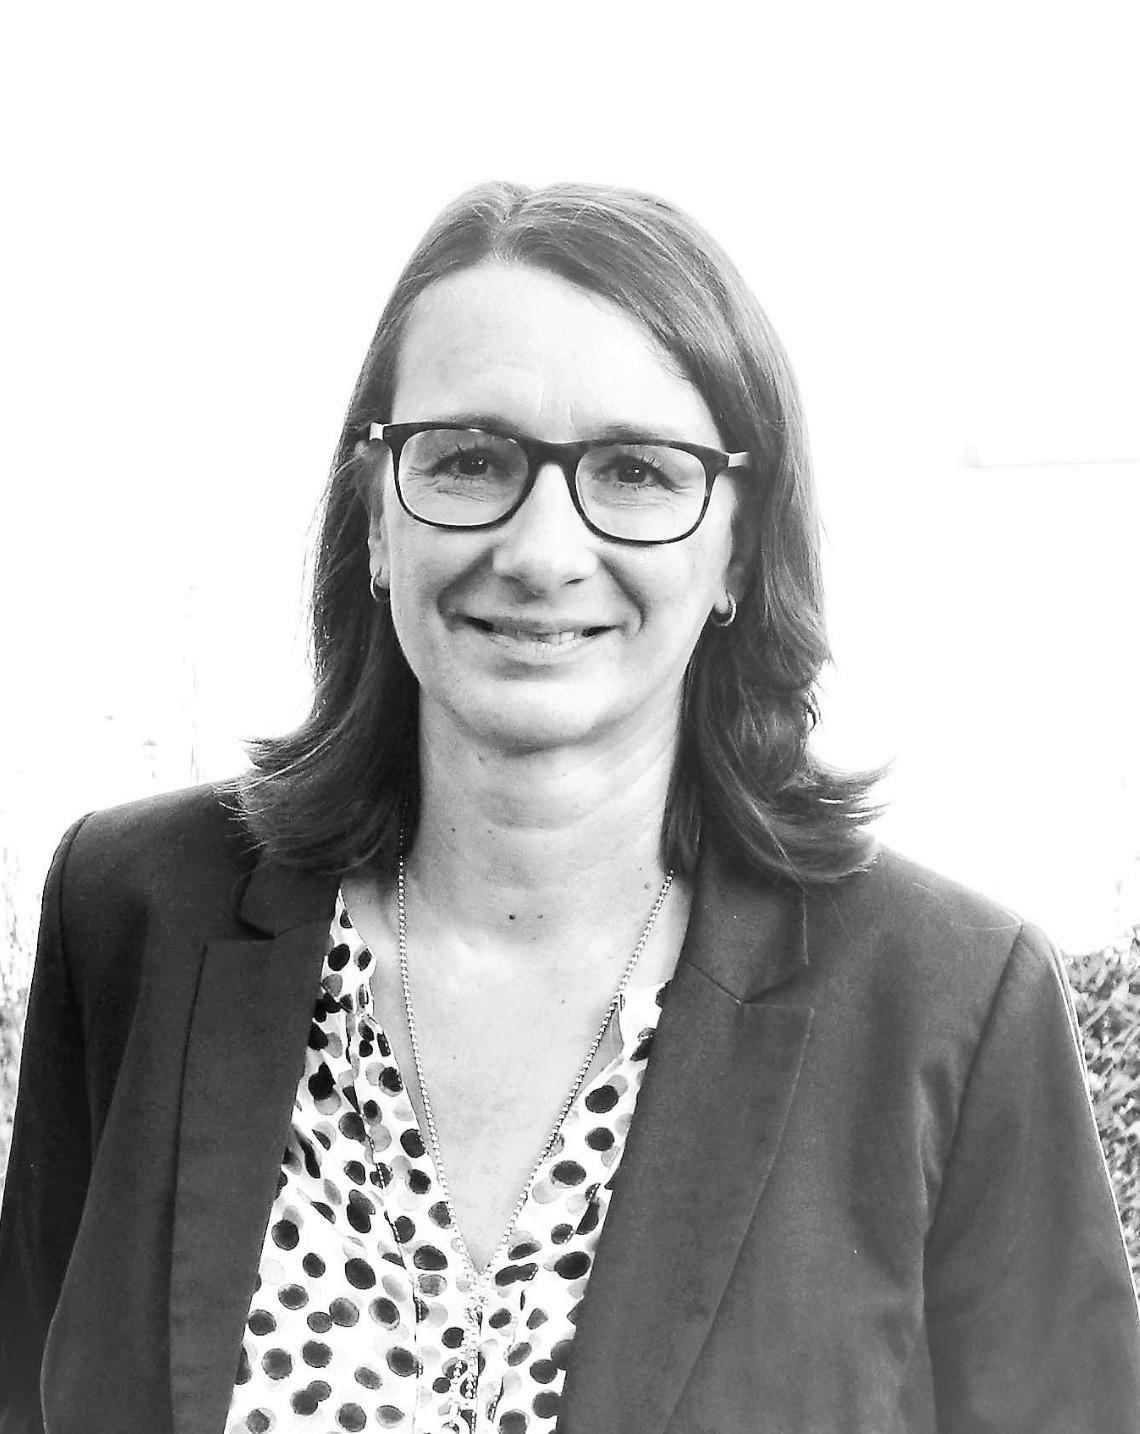 Jutta Weller, stellvertretende Leiterin des Diakonischen Werks Bergstraße. Foto: Beate Preuss